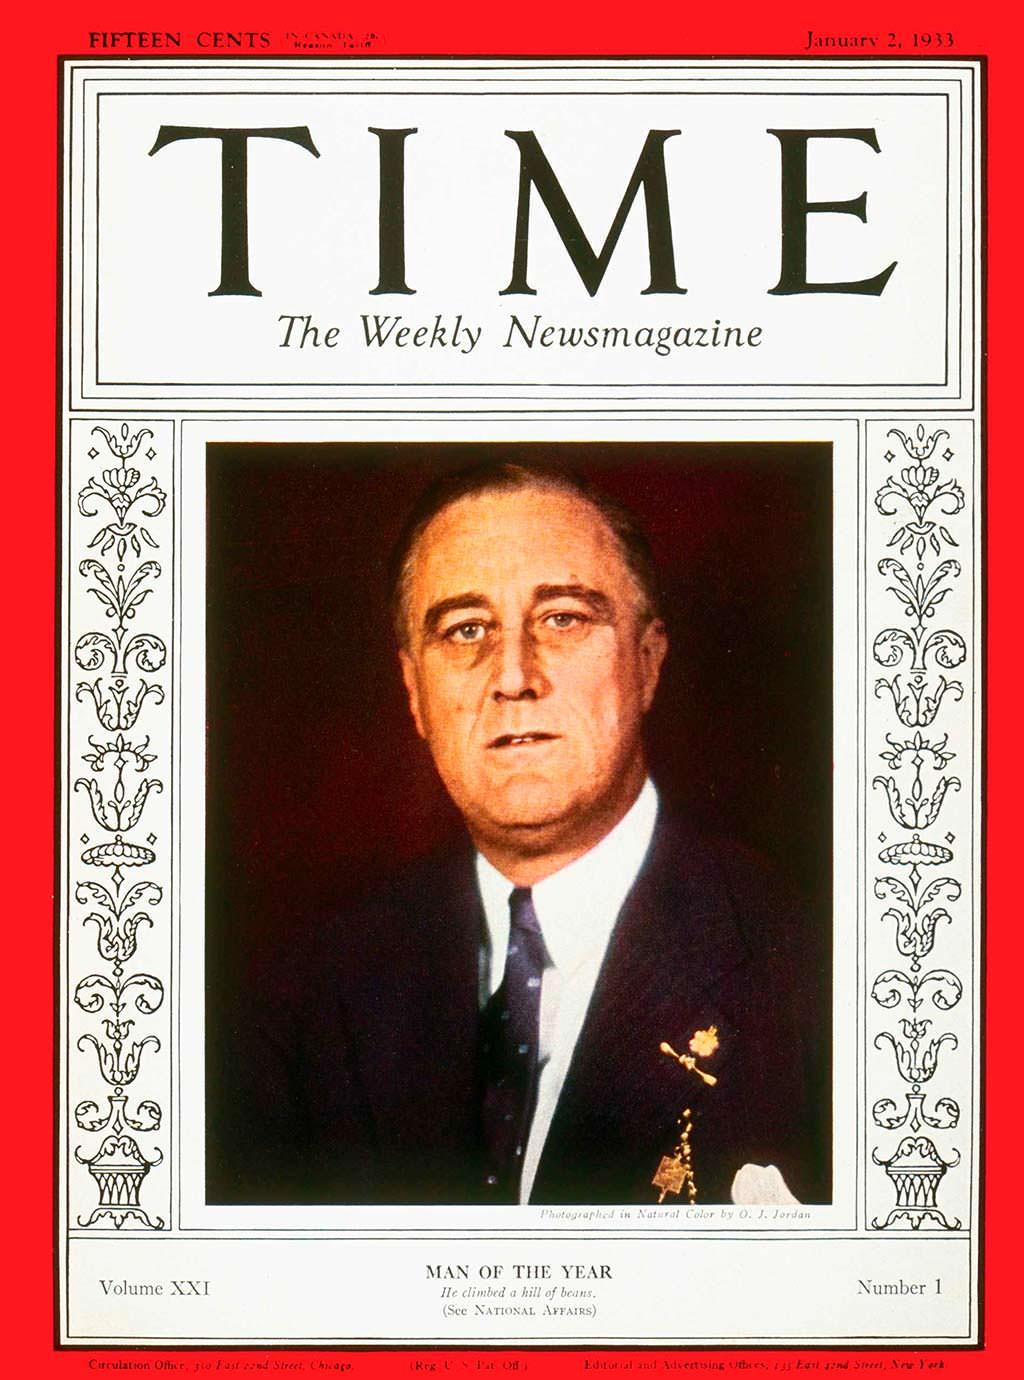 1932 год. Президент Франклин Рузвельт на обложке Time